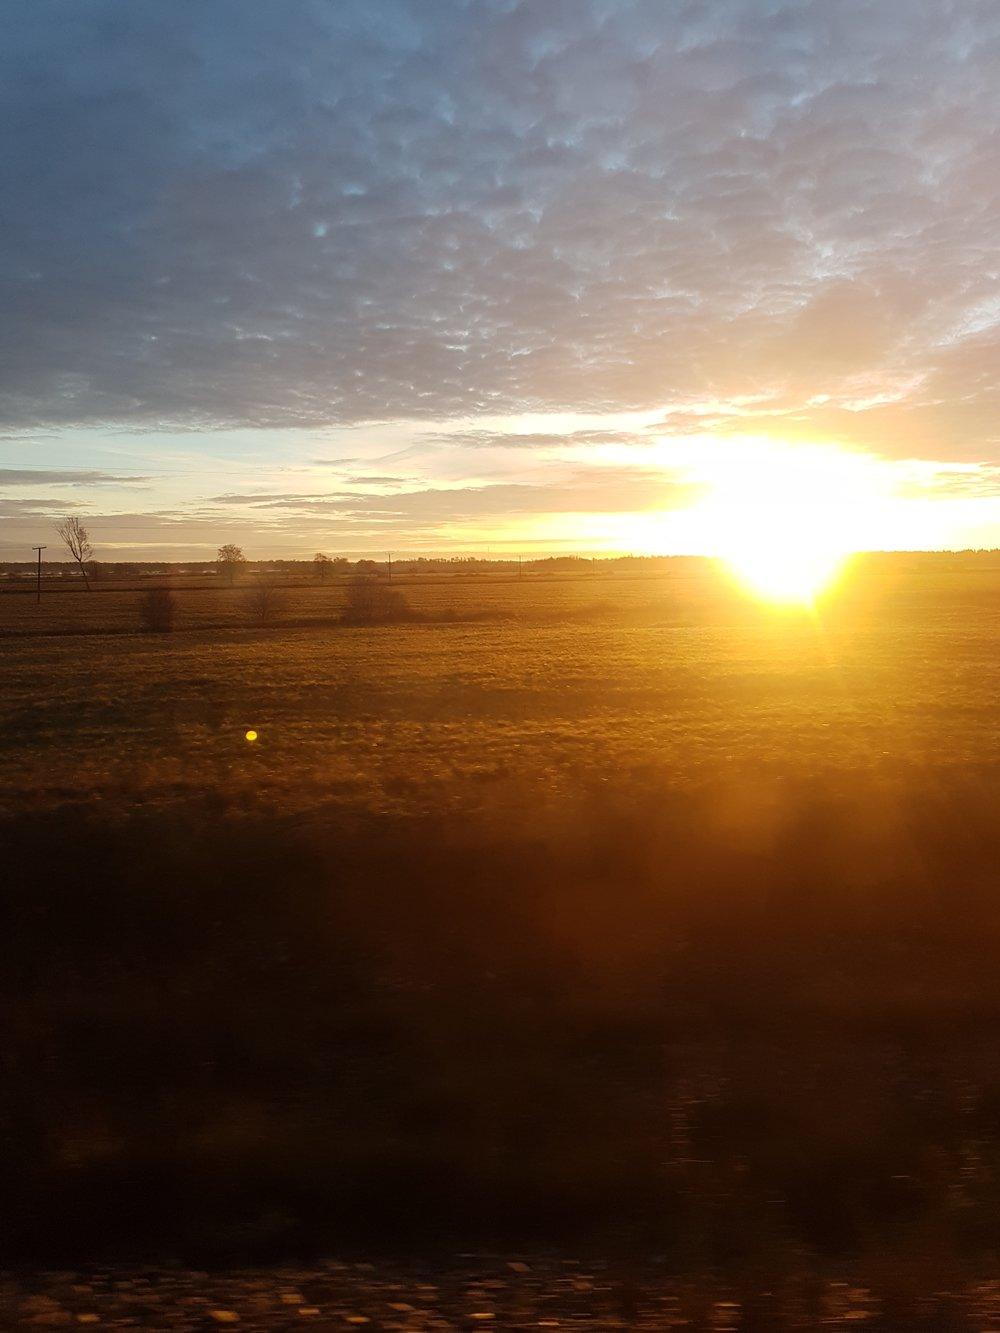 Päikesetõus Türi-Tallinn rongiaknast.